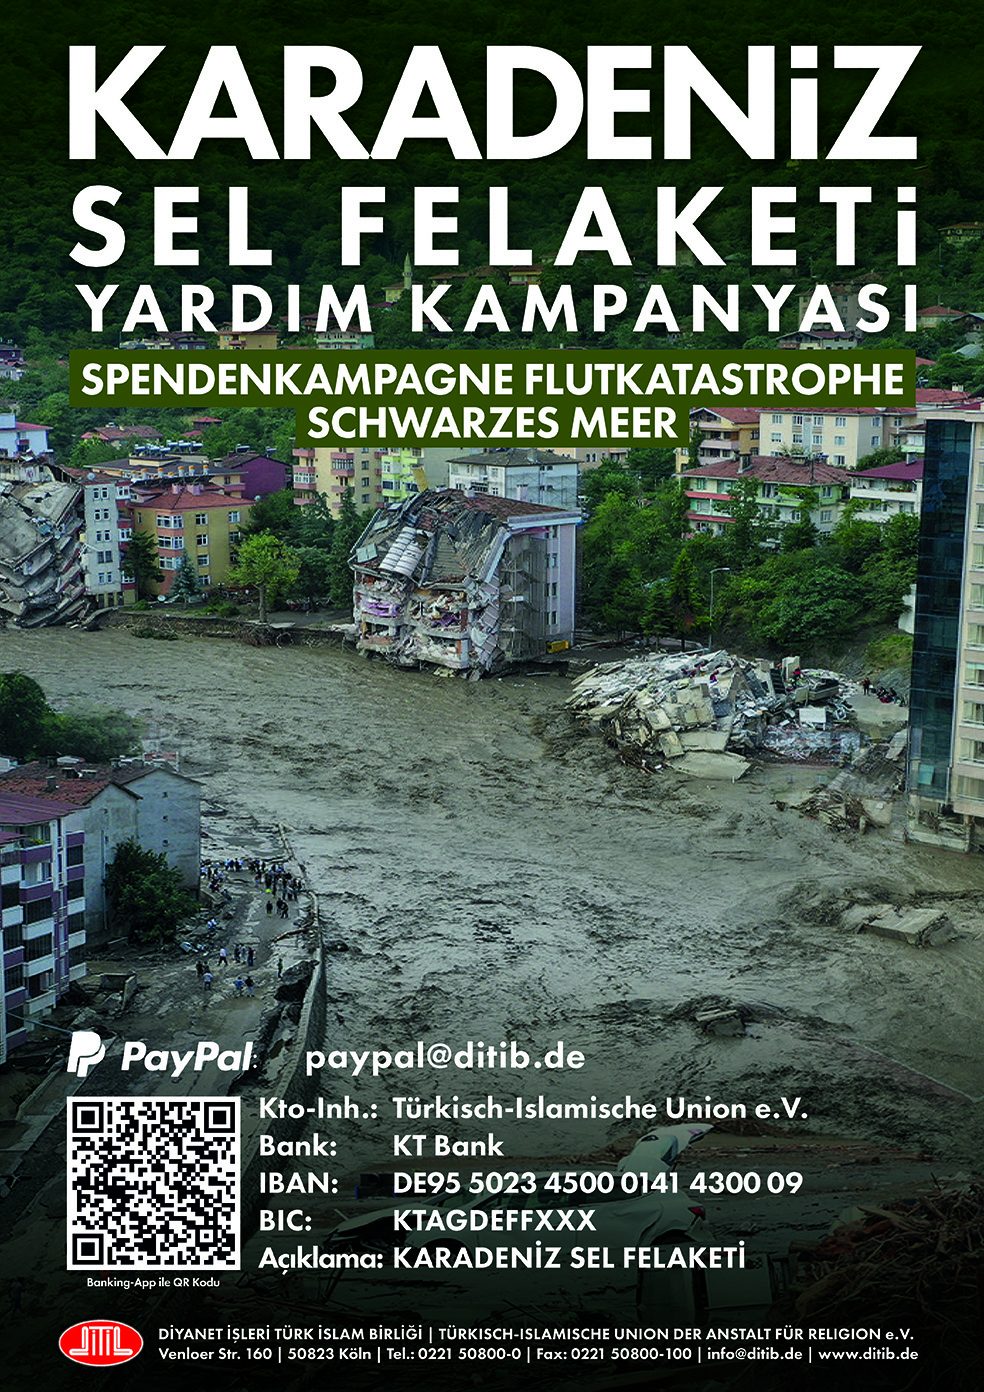 DİTİB, Karadeniz bölgesi sel felaketi için yardım kampanyası başlattı